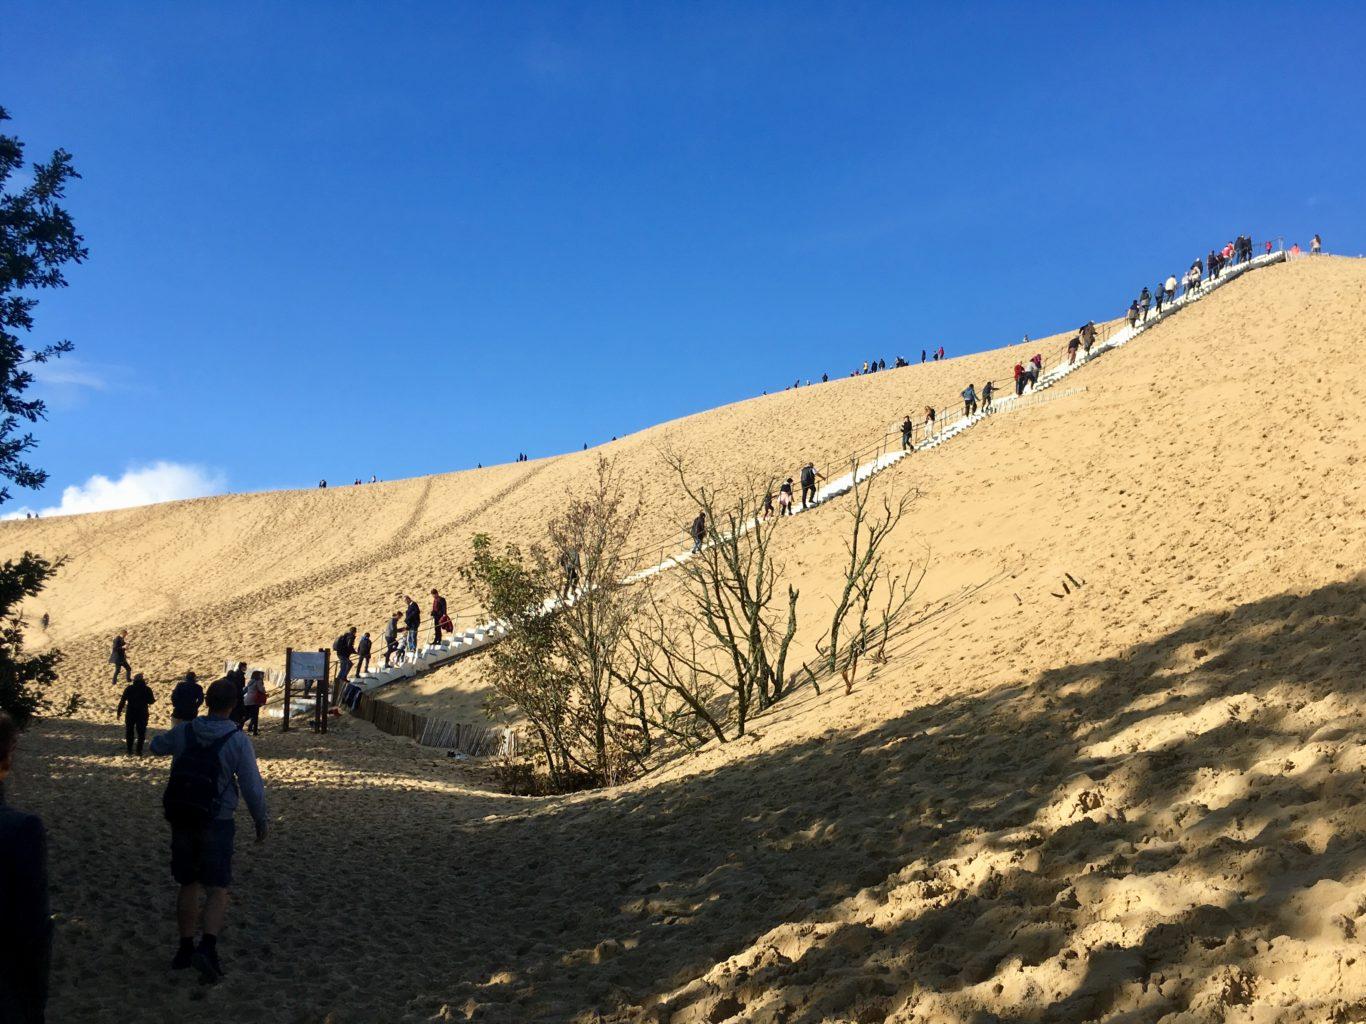 Wejście na wydmę Dune du Pilat